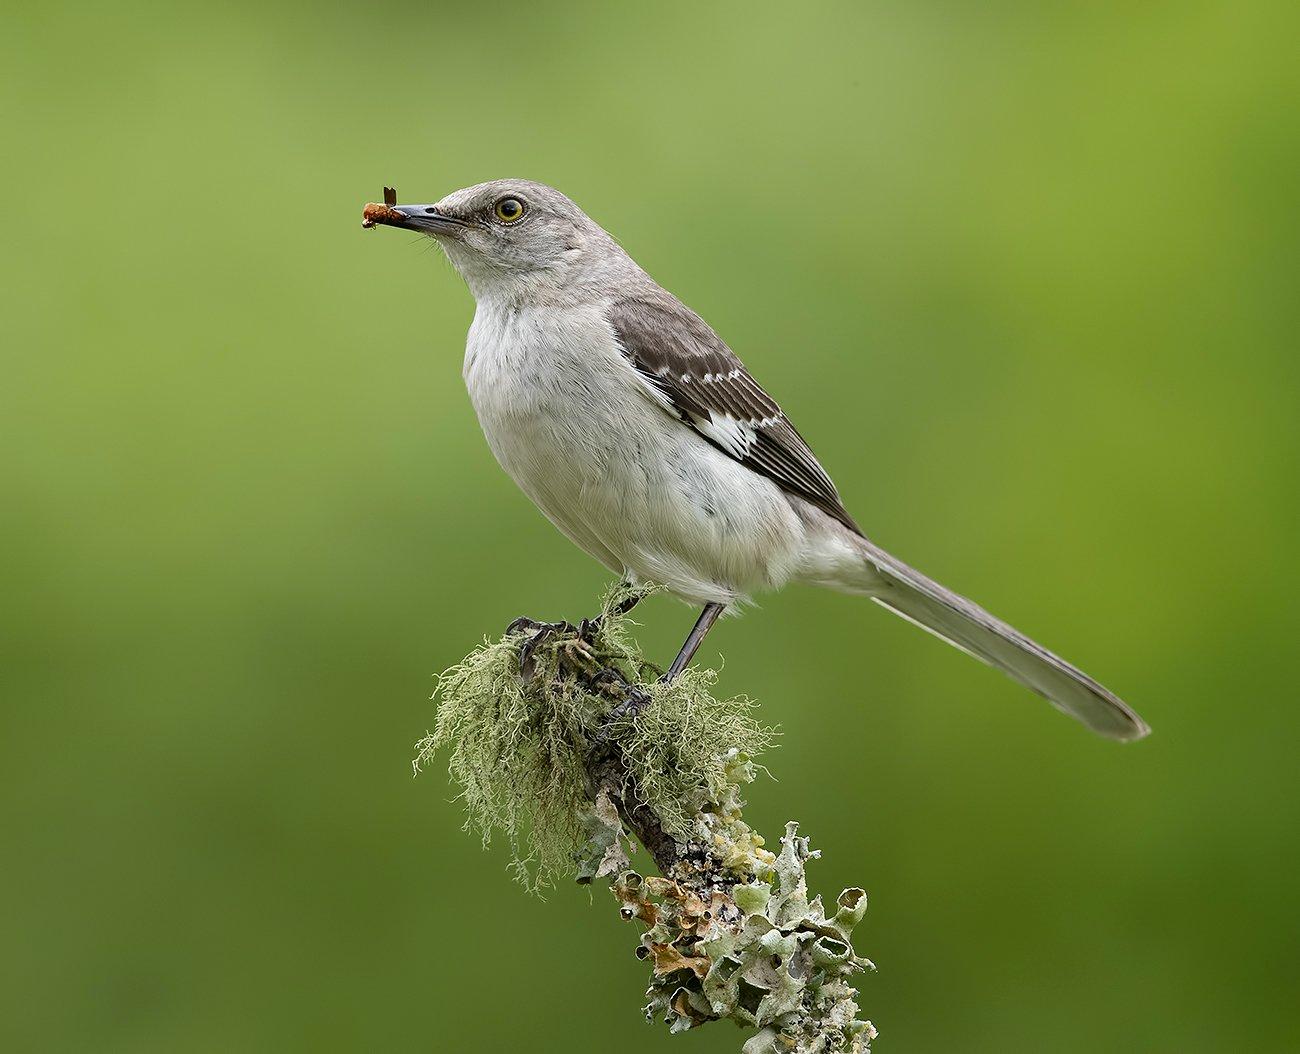 многоголосый пересмешник, northern mockingbird,  mockingbird, пересмешник, Elizabeth E